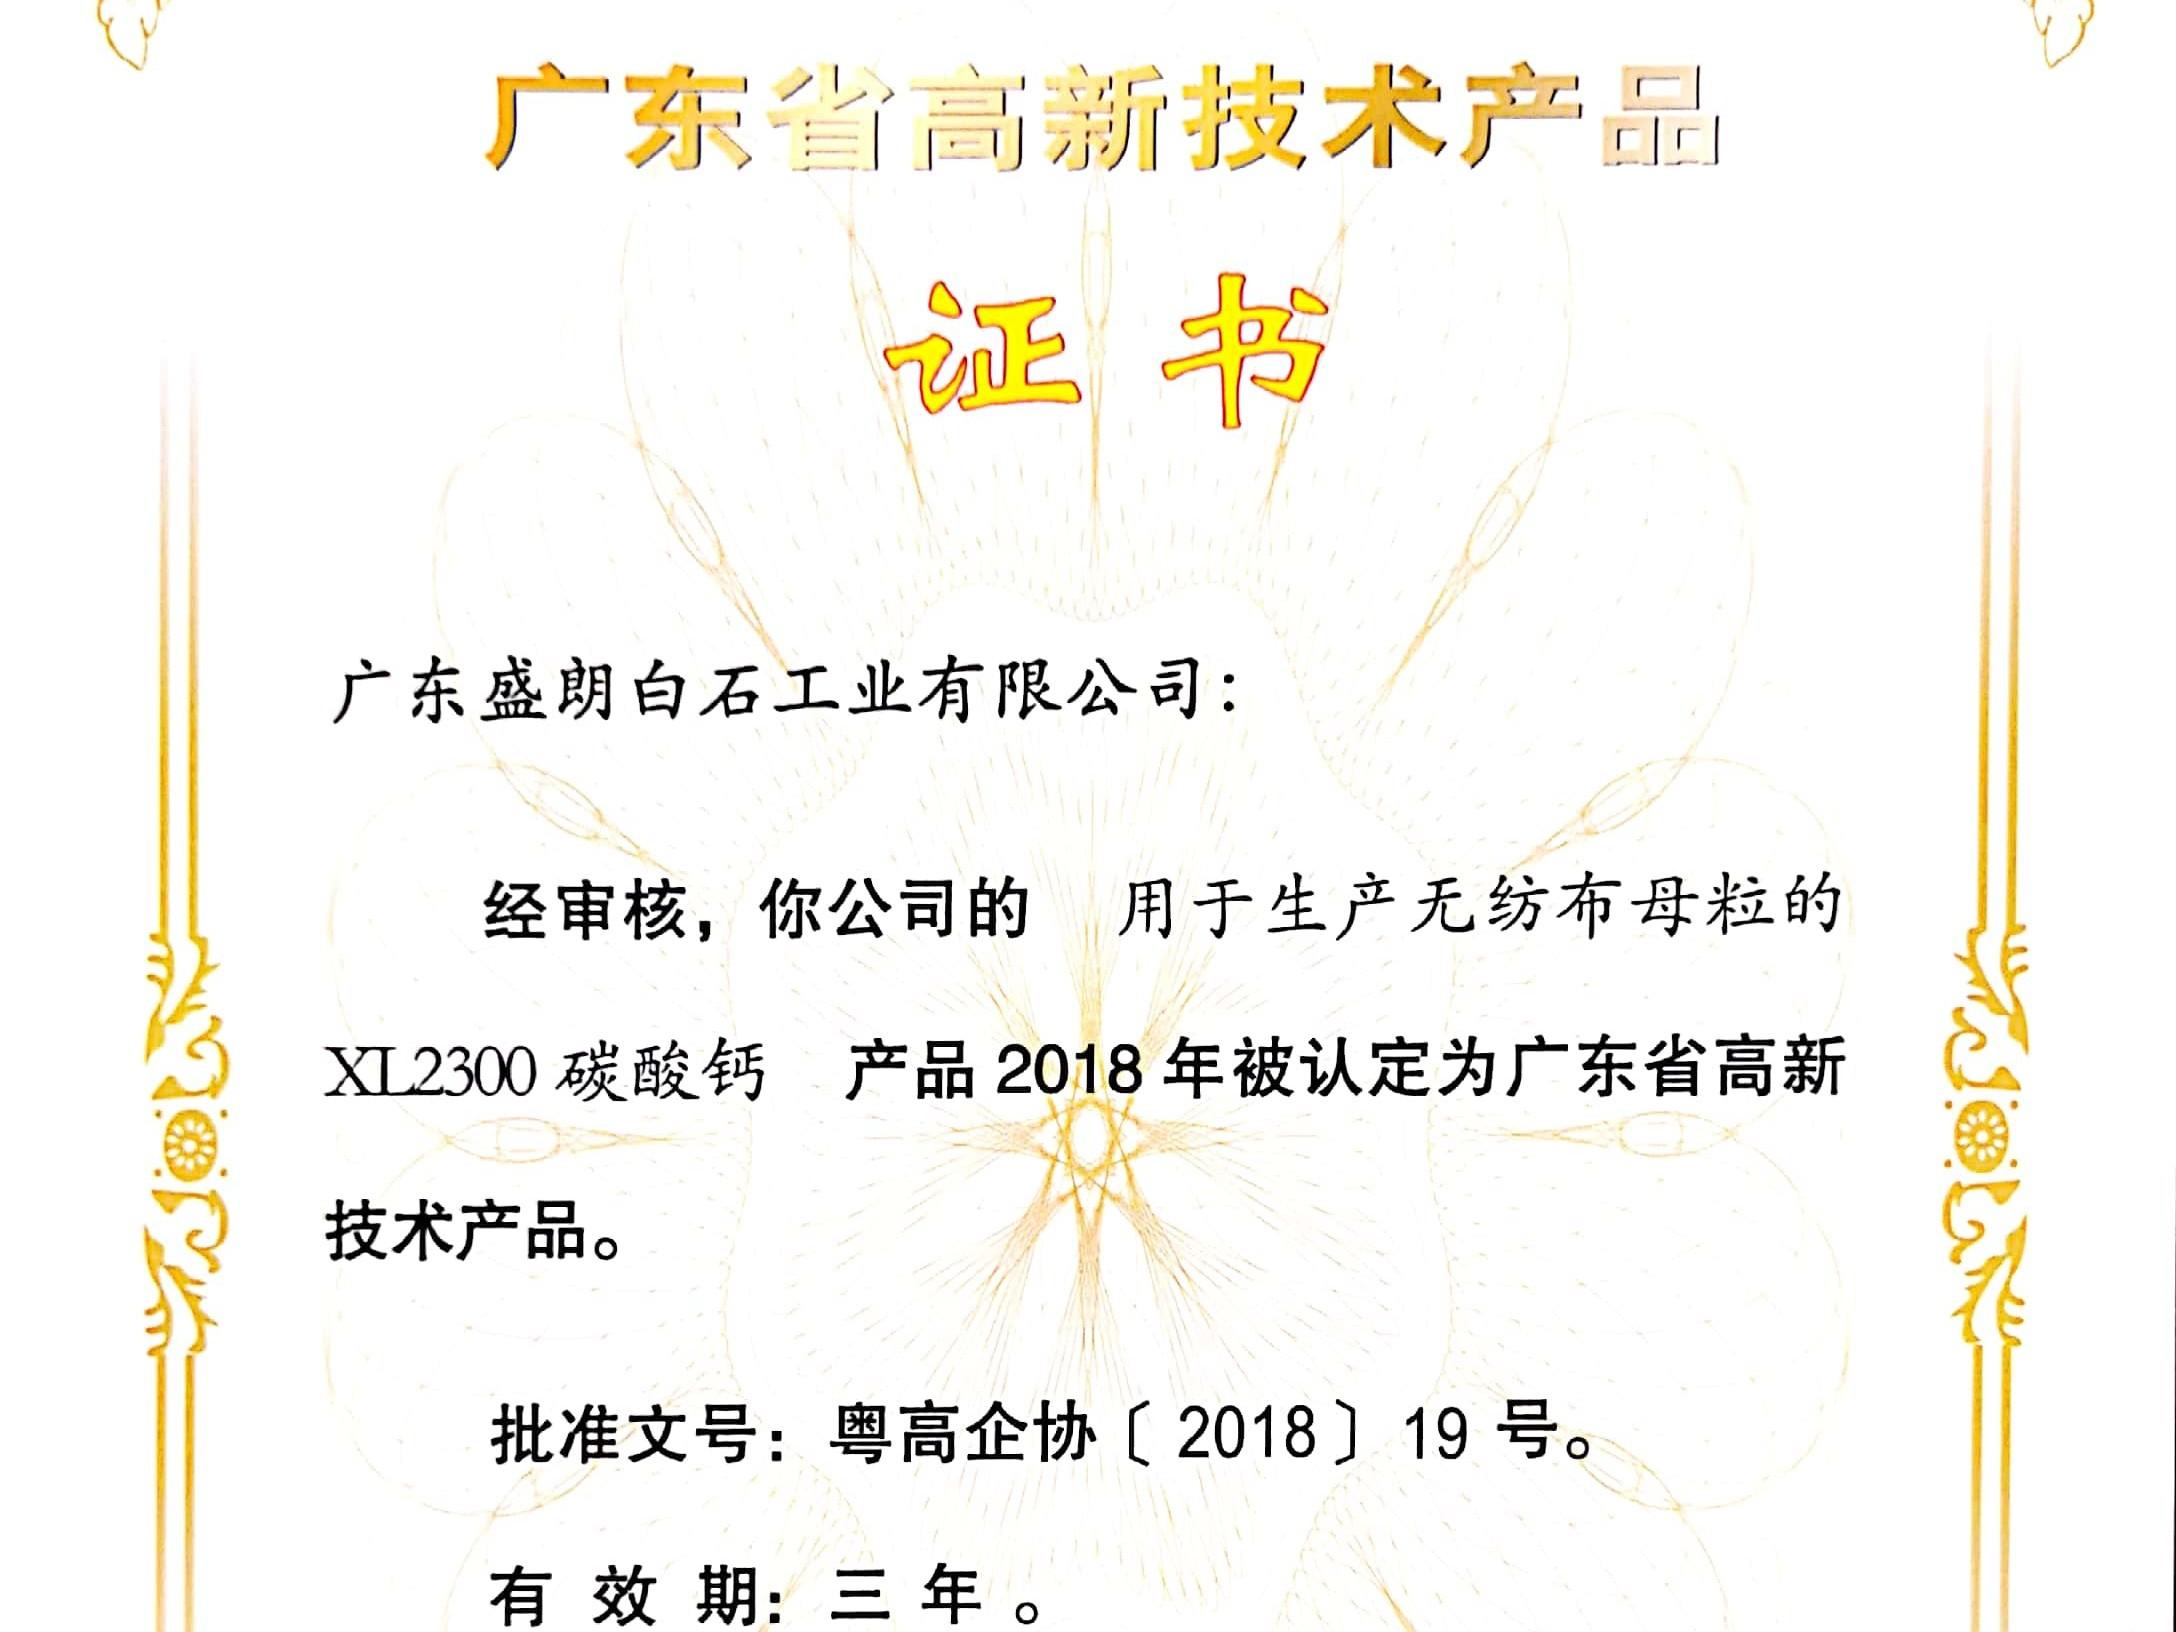 盛朗白石-XL2300高新技术证书